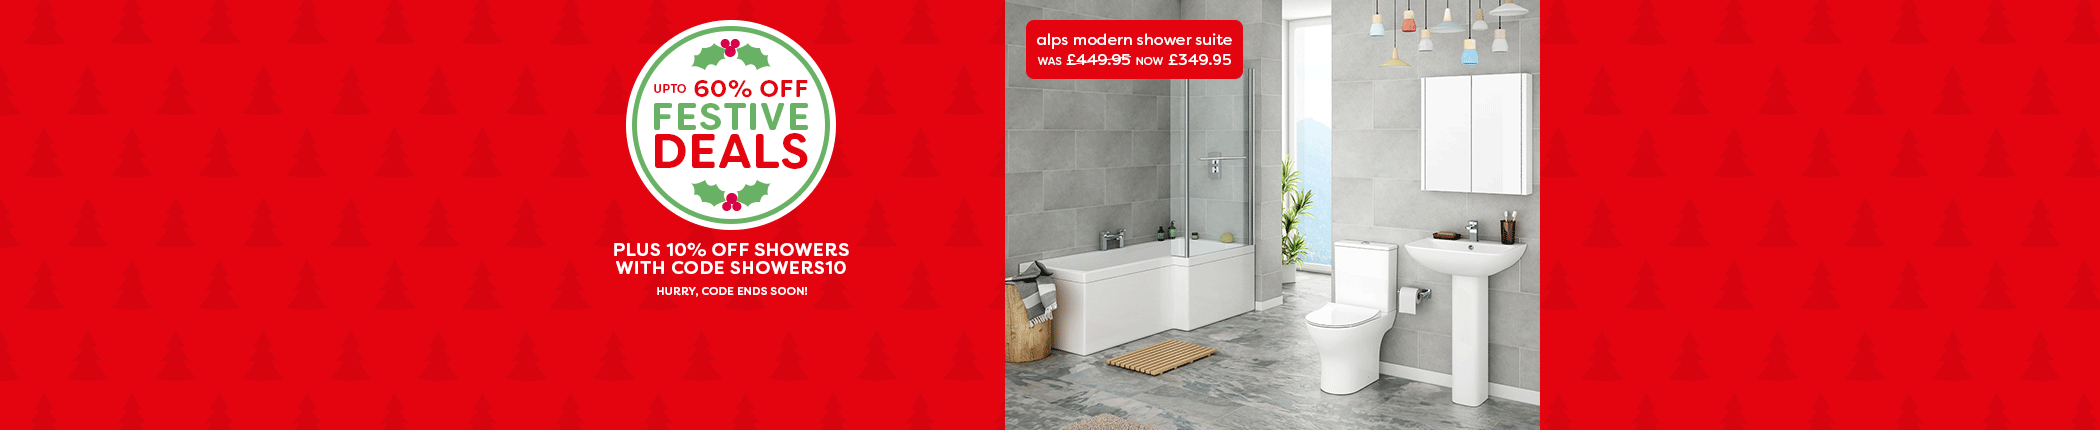 festive-deals-10off-showers-alps-modern-shower-suite-countdown-dec17-hbnr